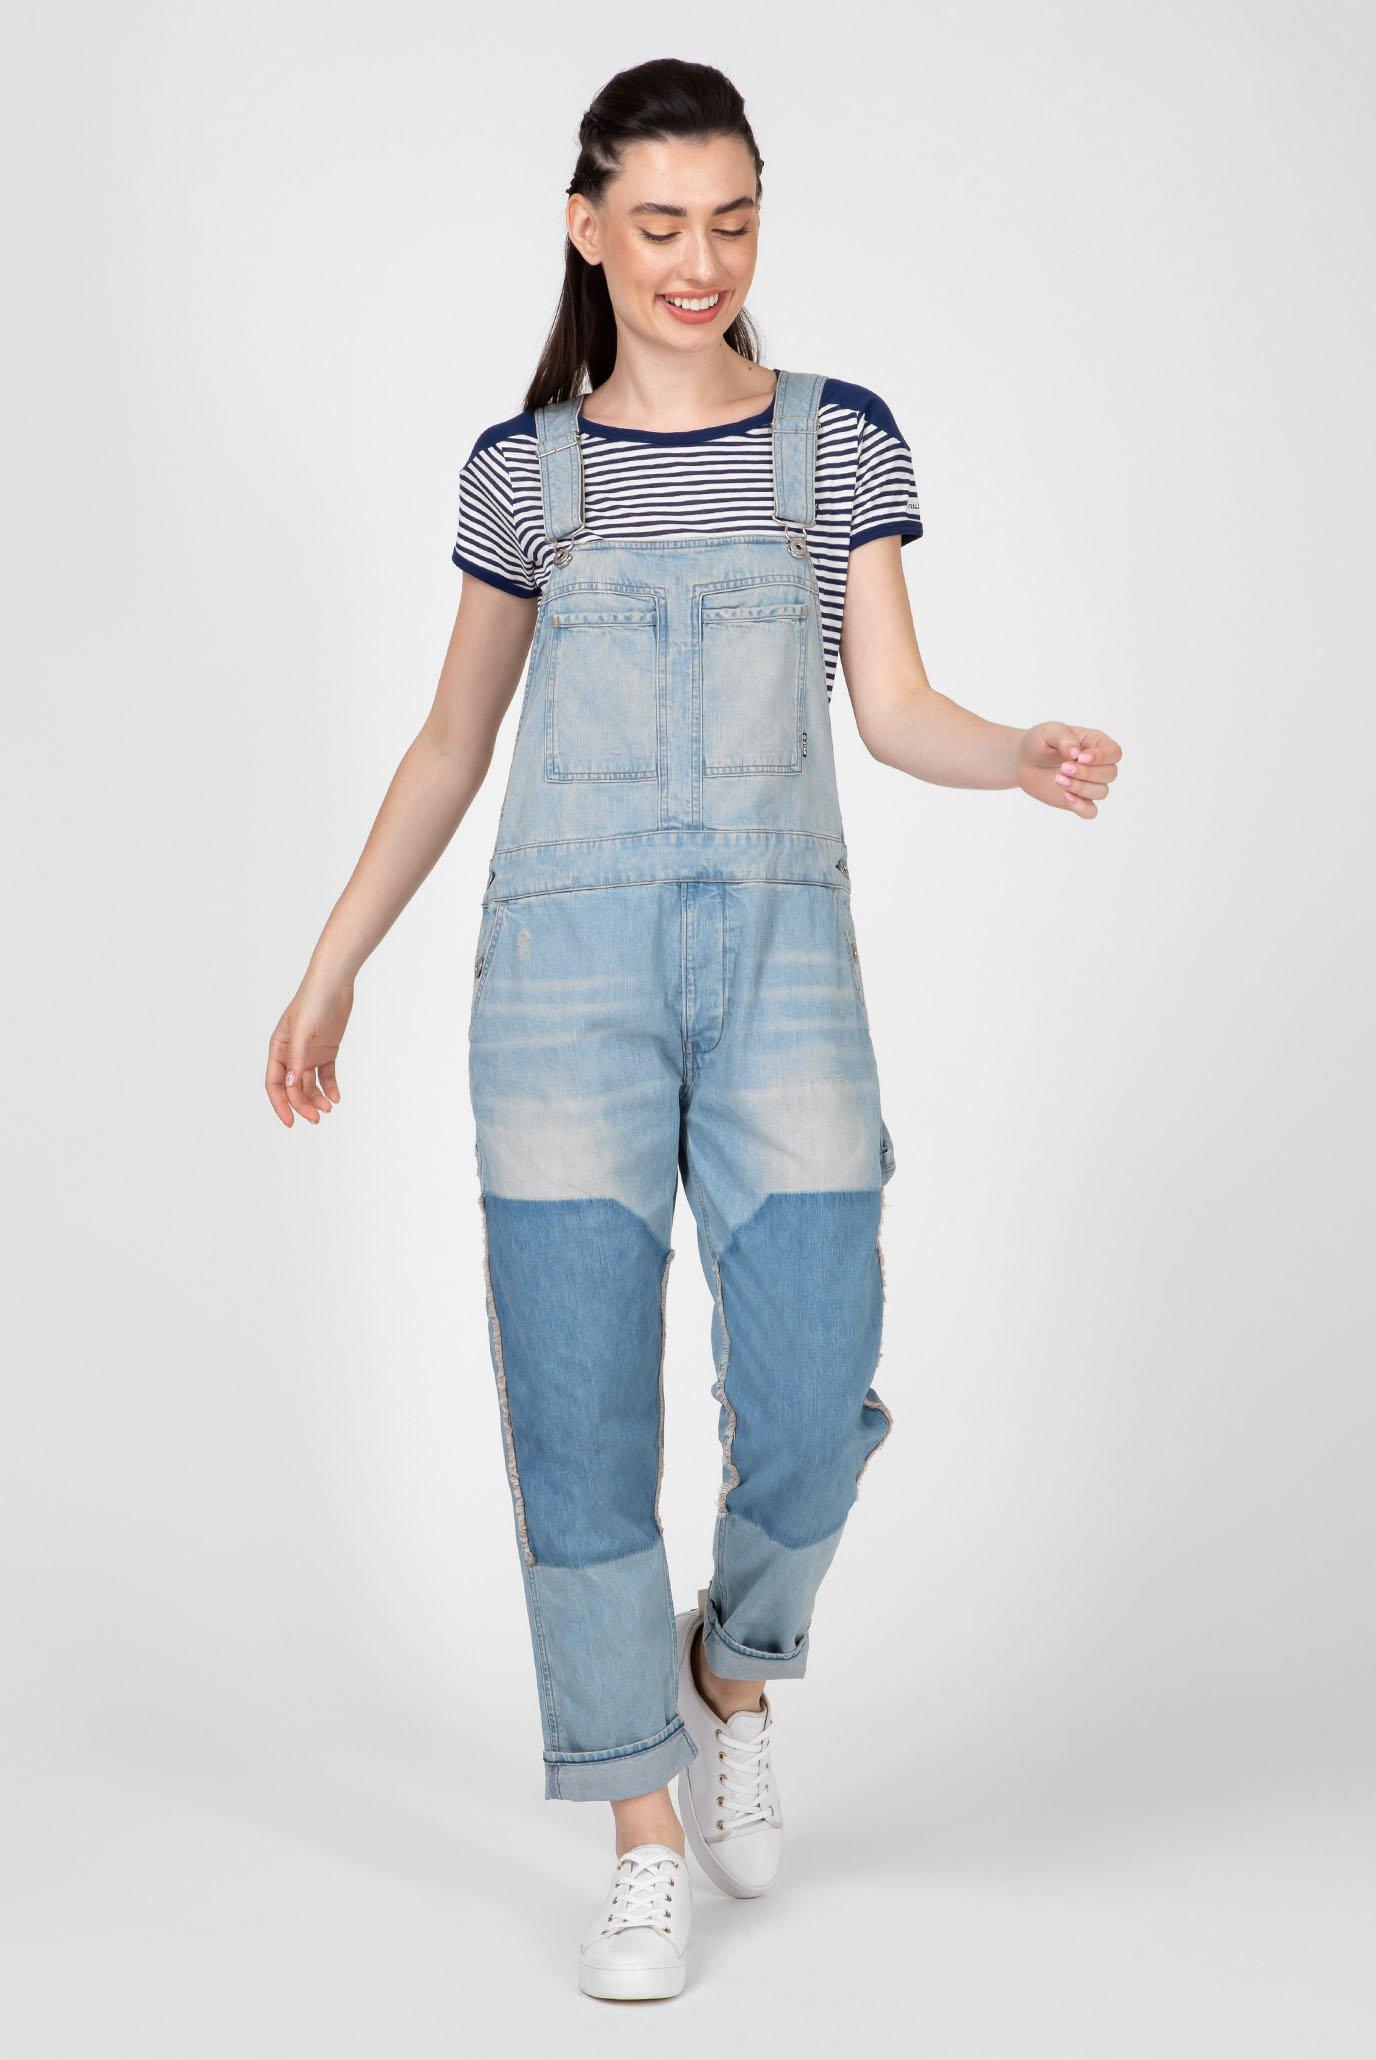 Женский голубой джинсовый комбинезон Faeroes G-Star RAW